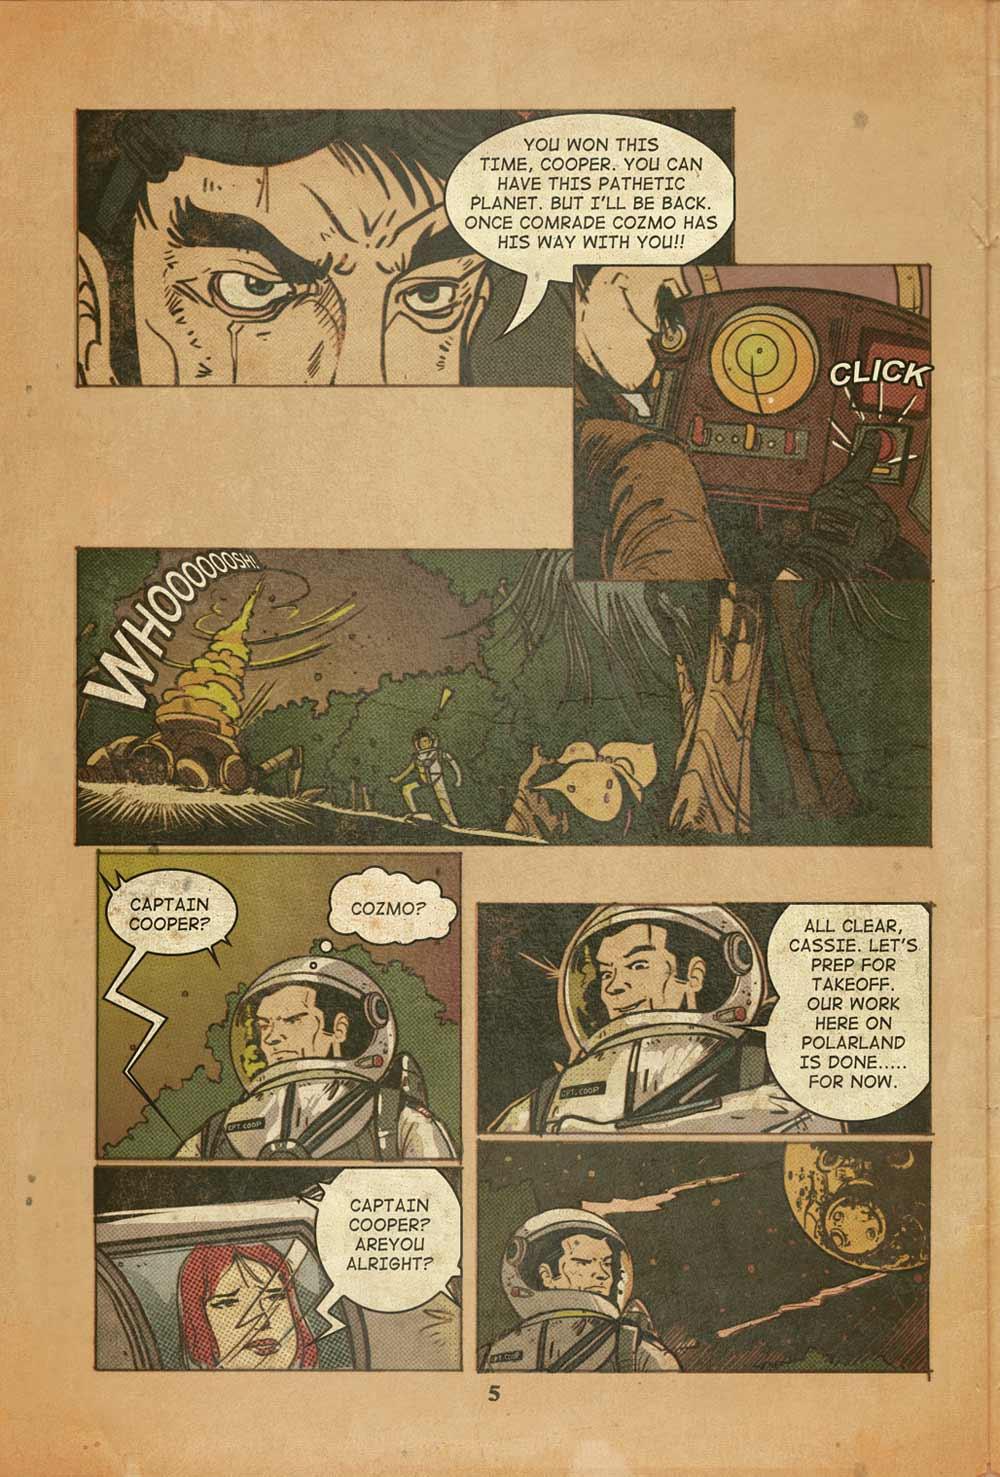 La quinta pagina del fumetto dei Rocket Poppeteers. -